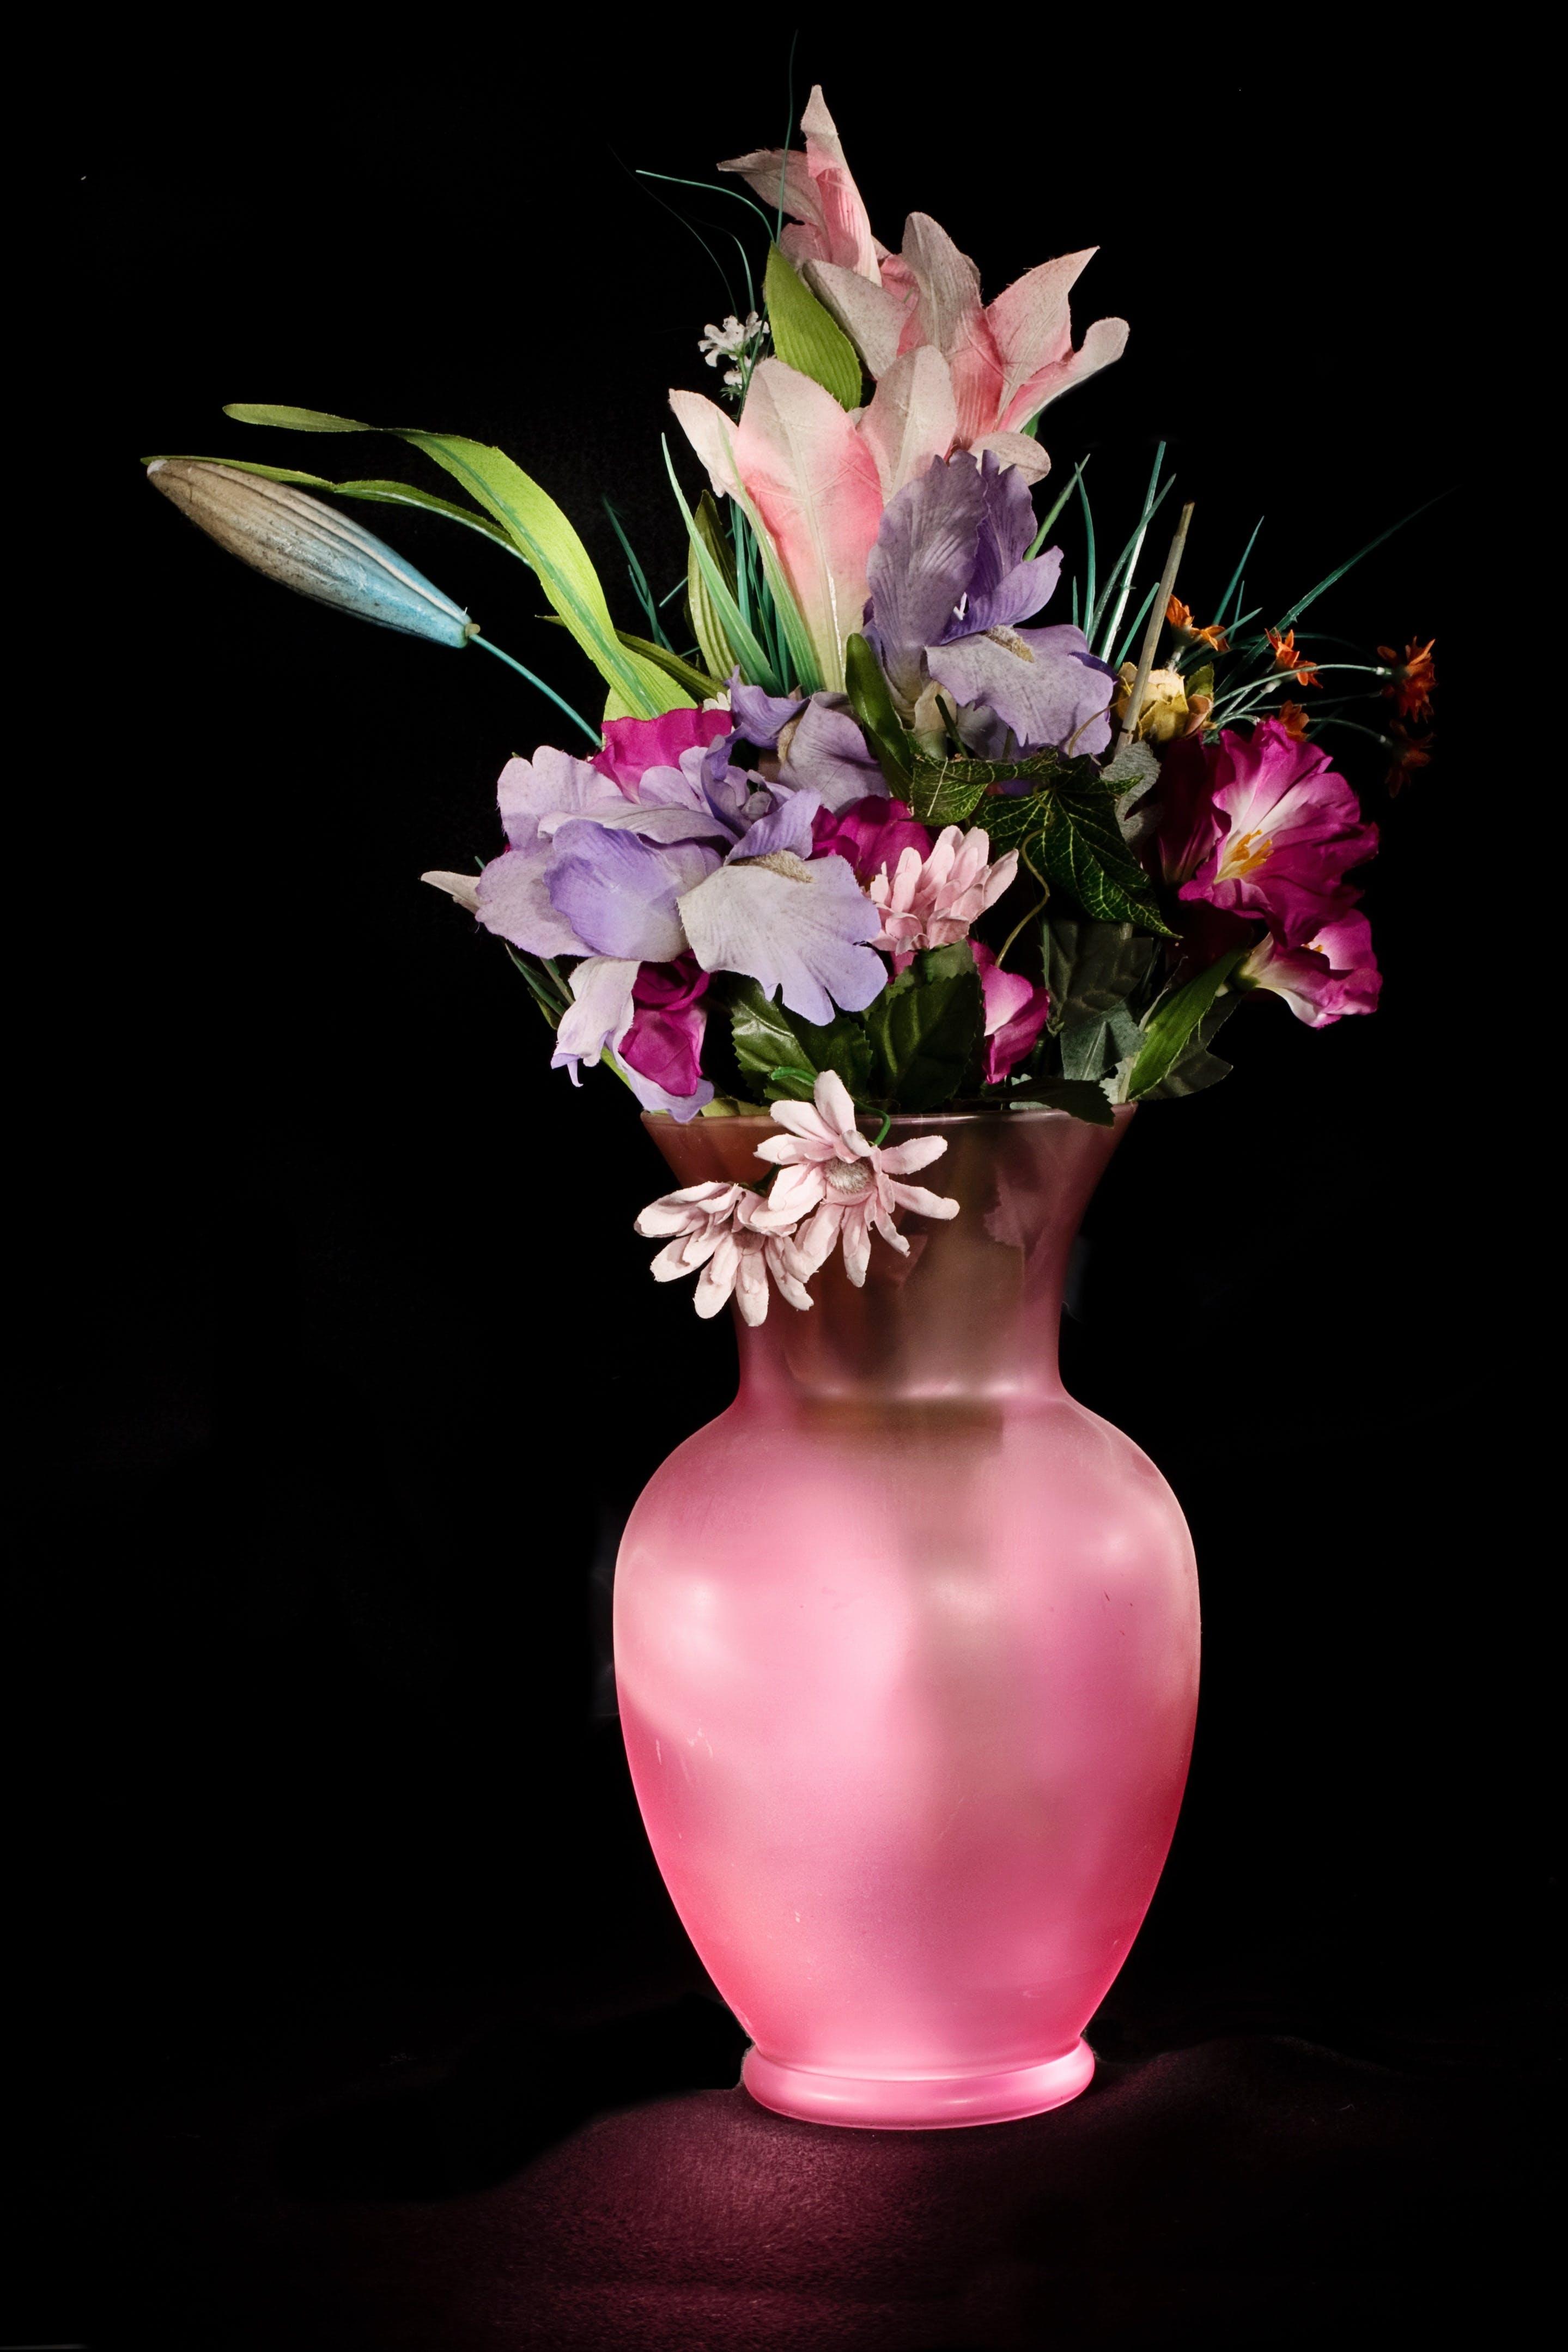 Kostenloses Stock Foto zu blumen, pink, blühen, blüte